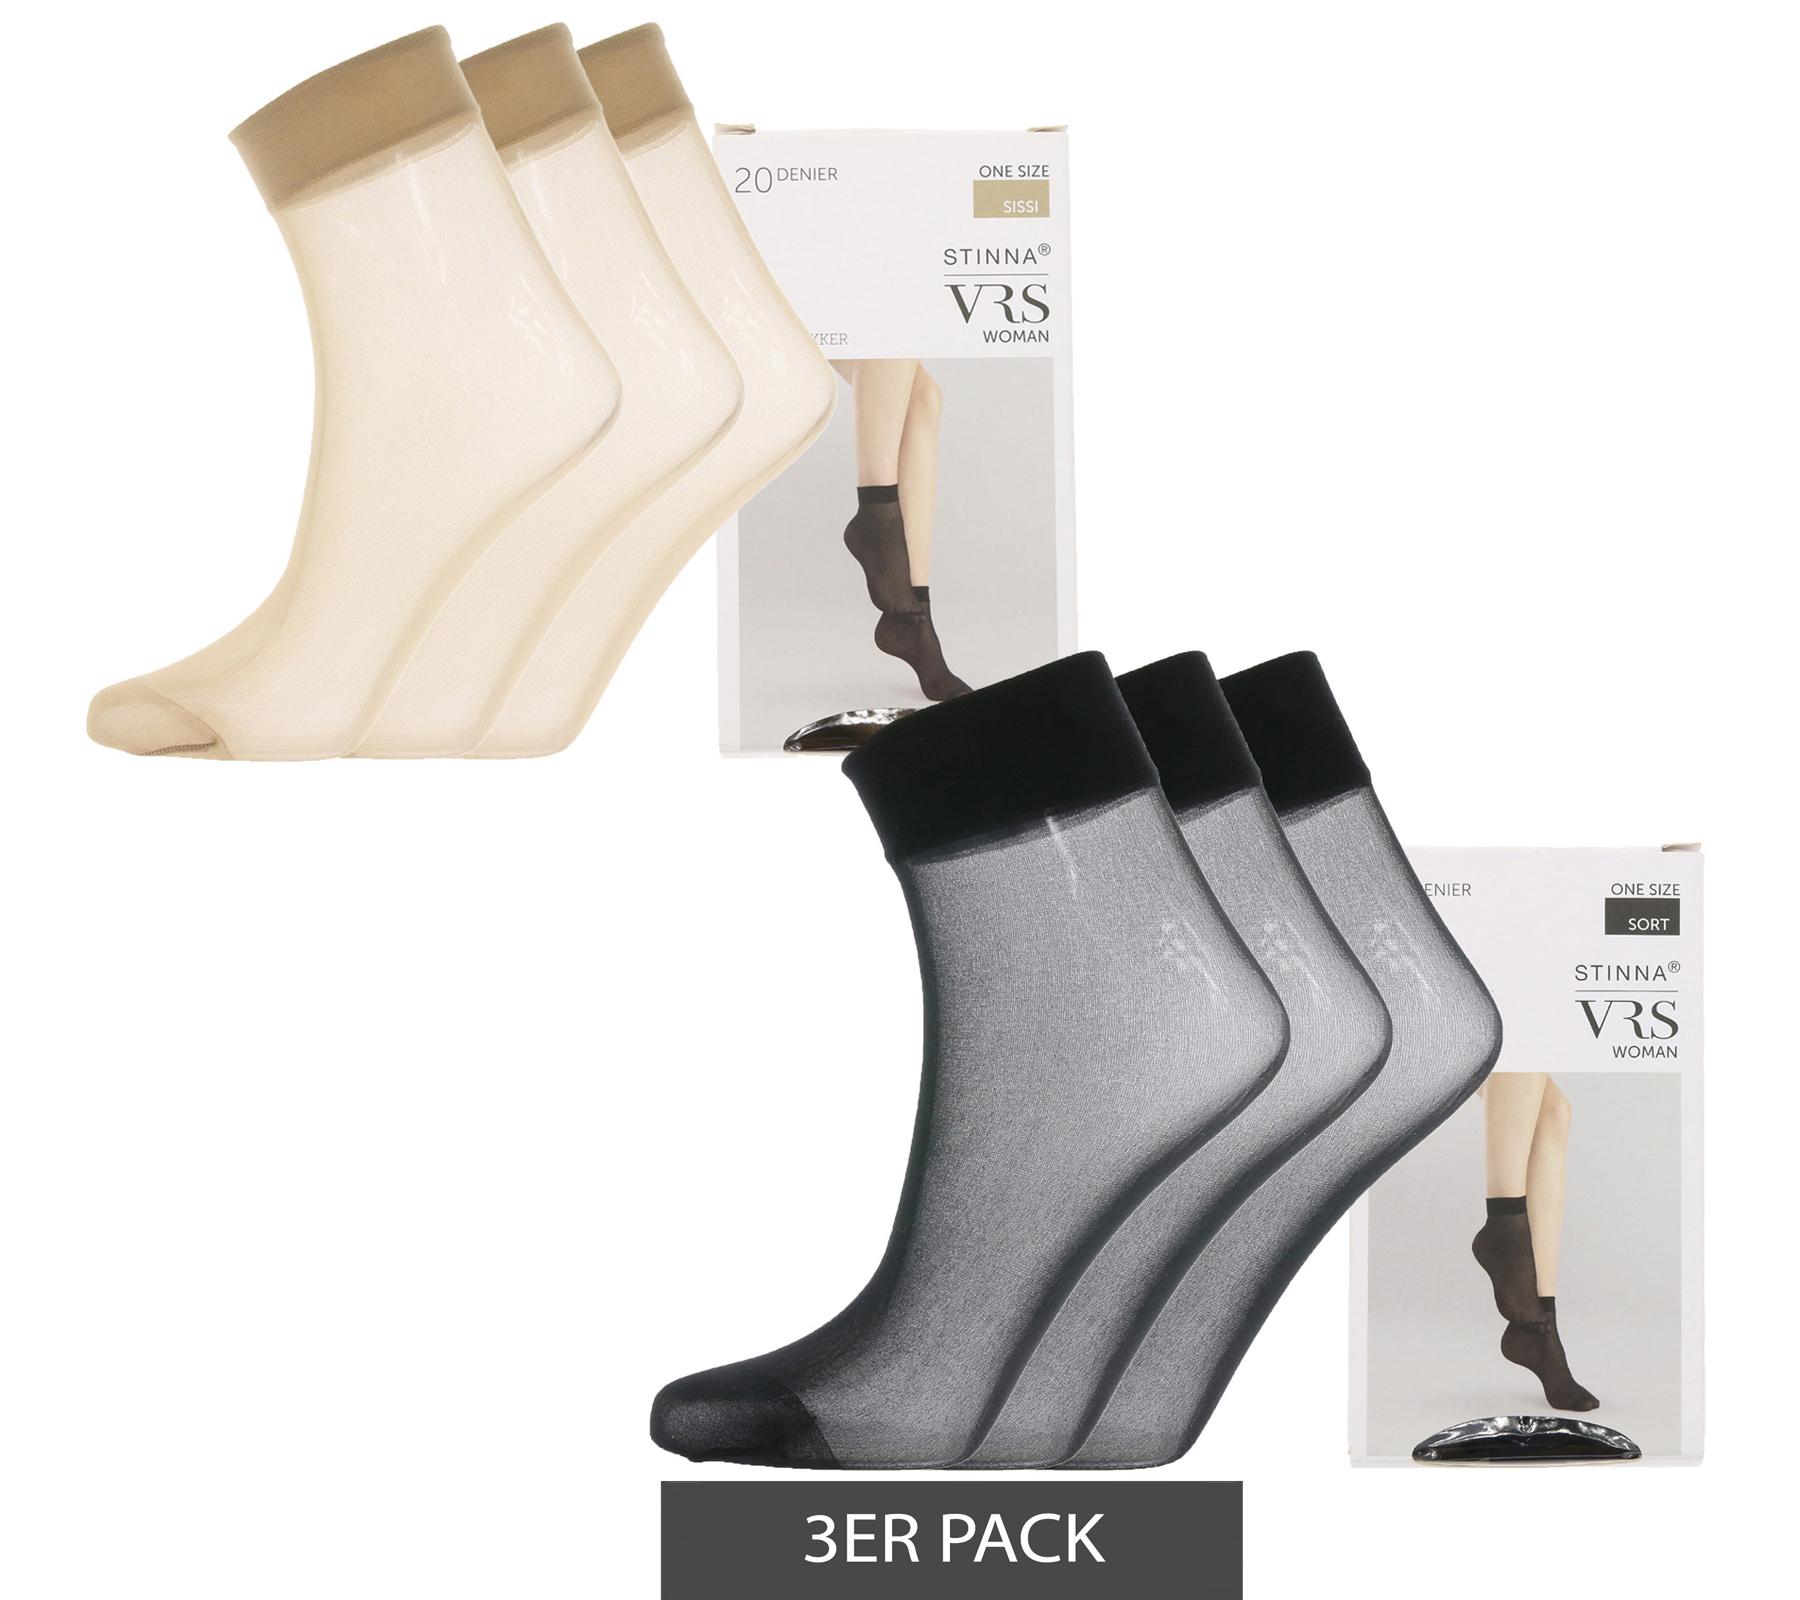 Strümpfe & Socken Online Shop & Outlet 46 3 | O46